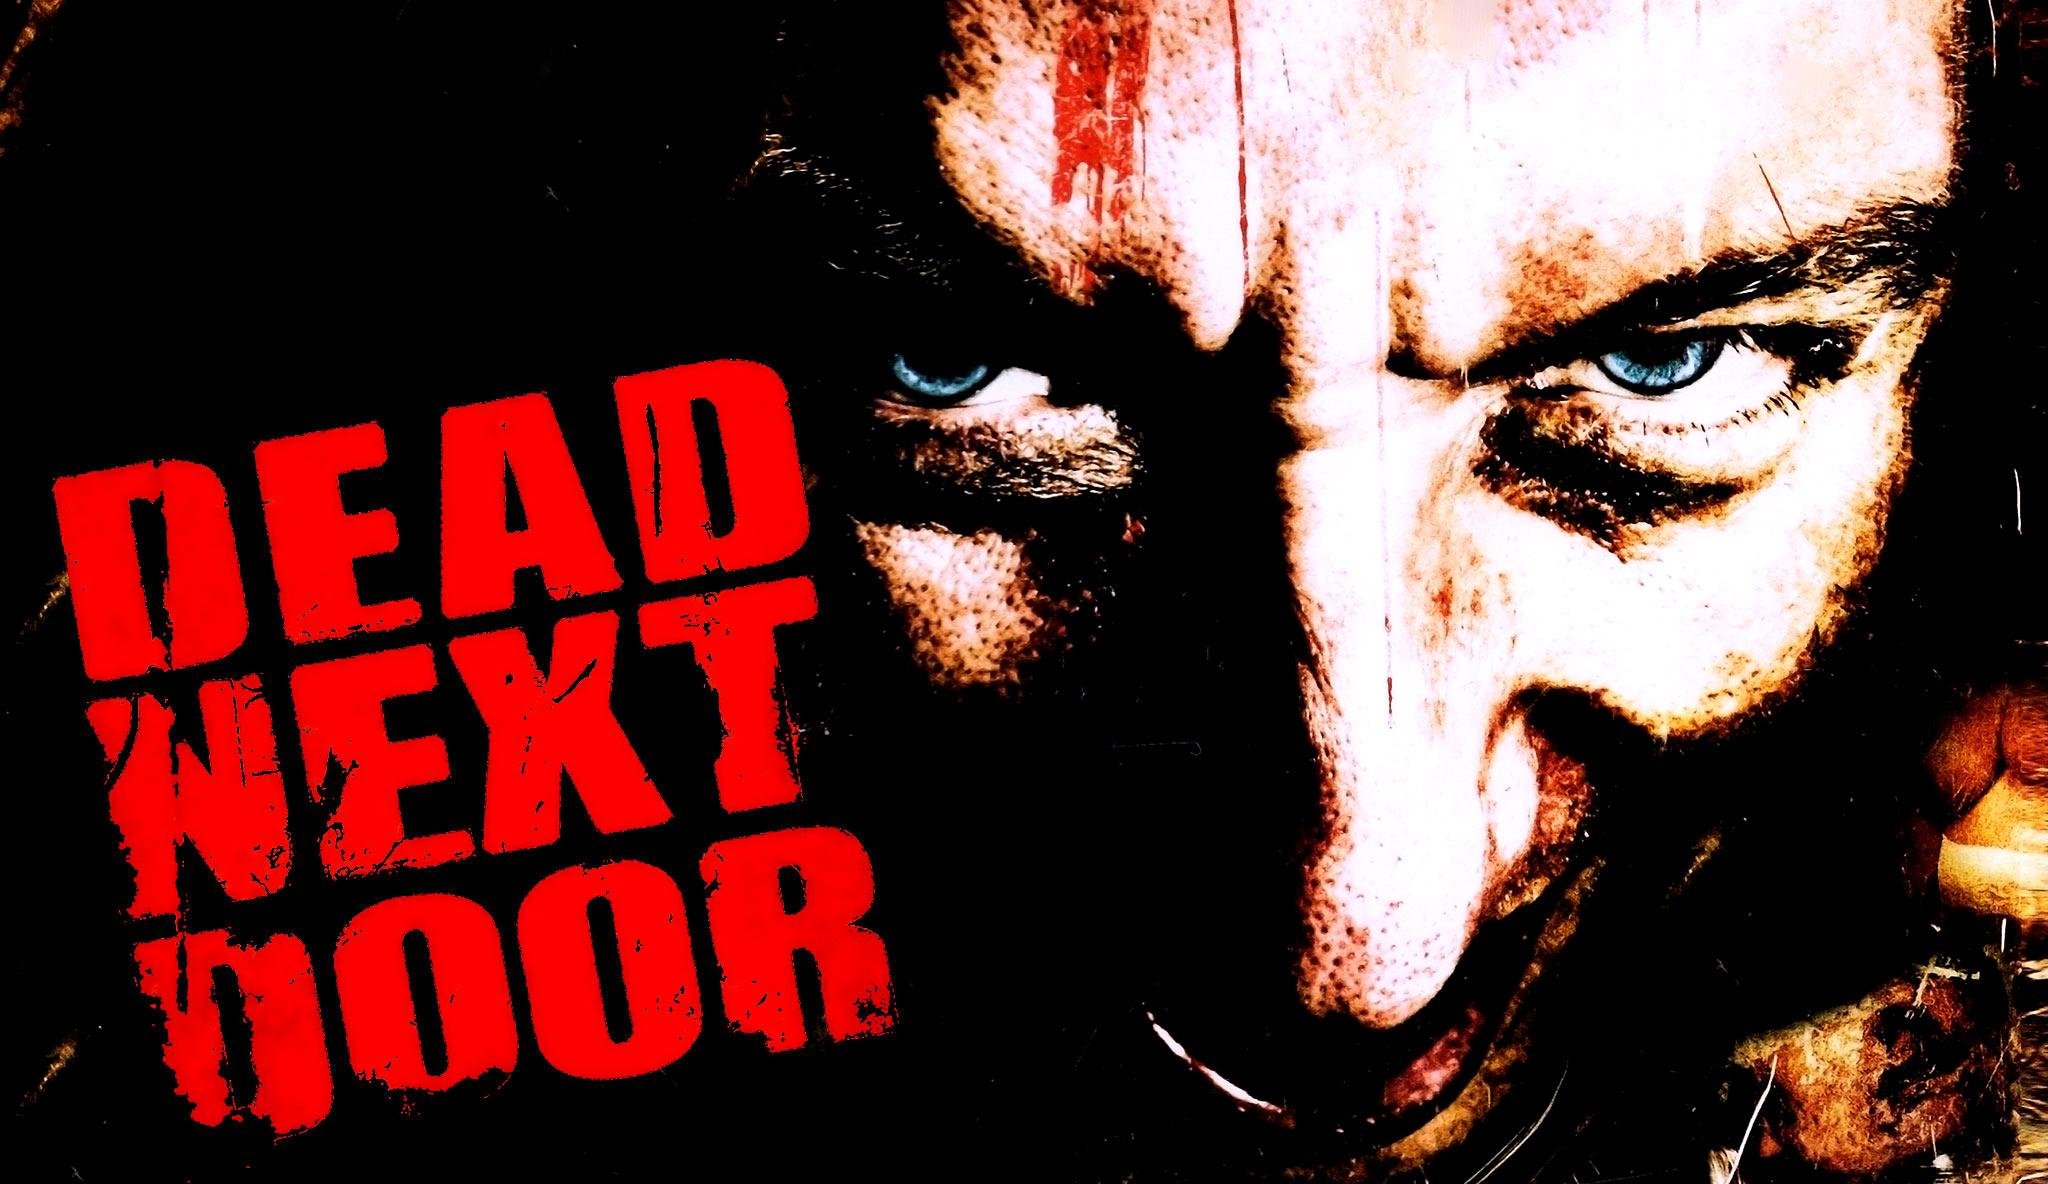 dead-next-door-neighbourhood-watch\header.jpg